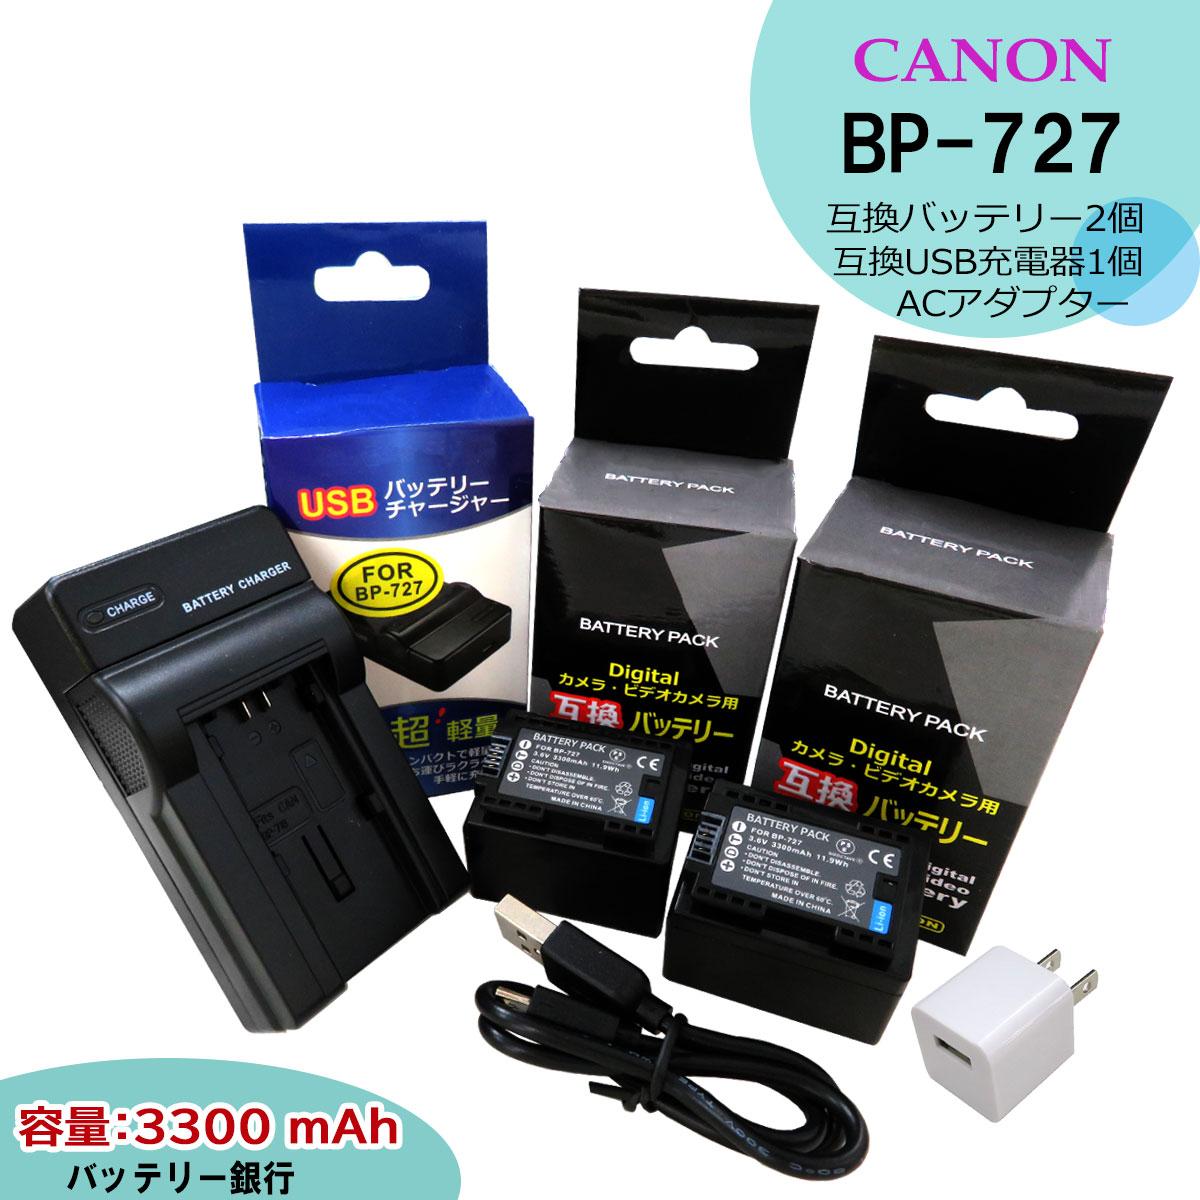 ★コンセント充電可能★グレードAセル使用 Canon BP-727 大容量3300mah 互換バッテリー 2個と 互換充電器 USBチャージャーCG-700 (